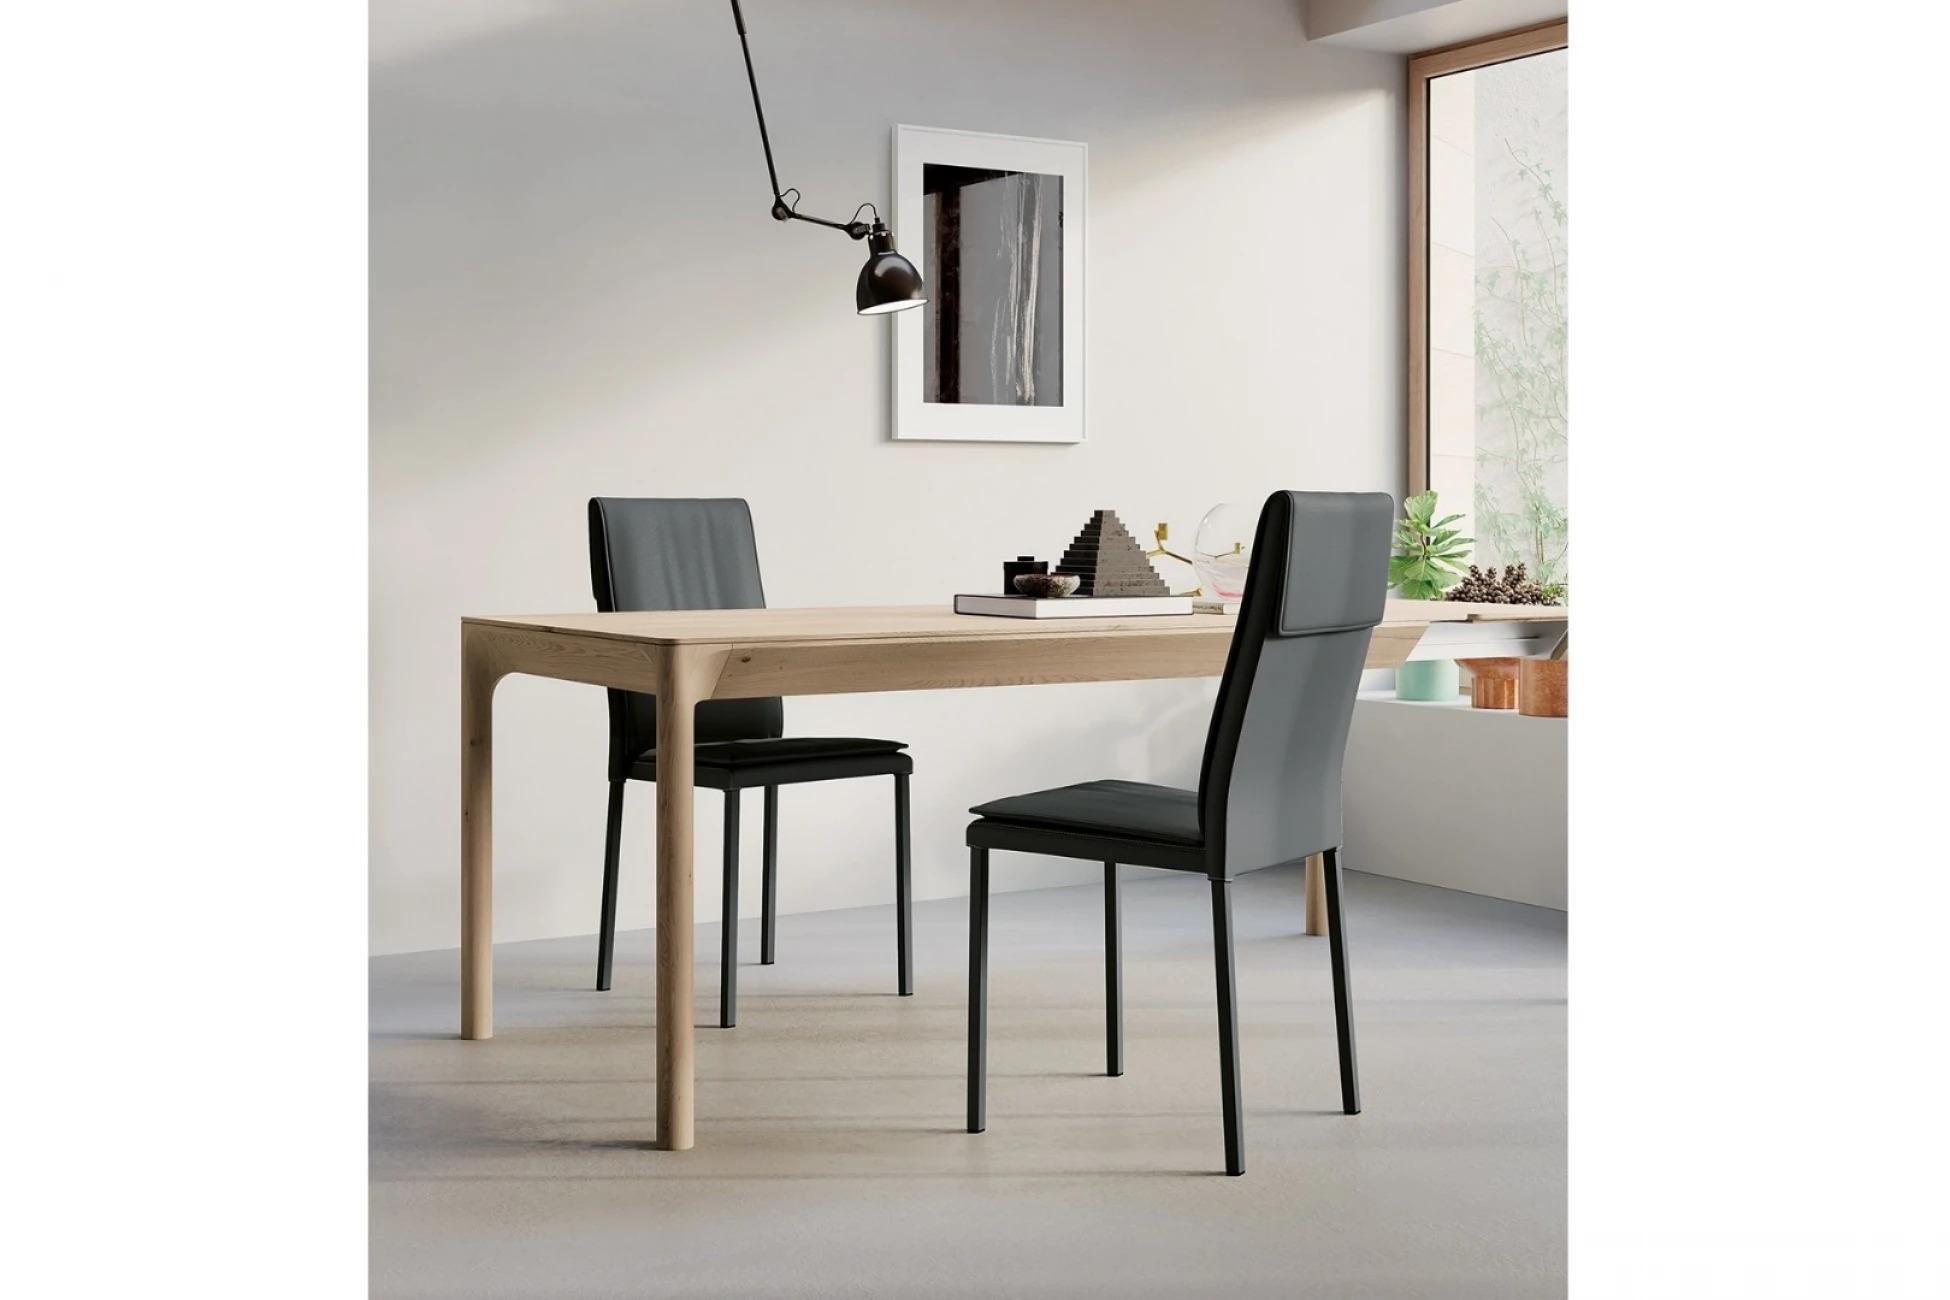 Итальянский классический стул SANDY от фабрики Arredo3